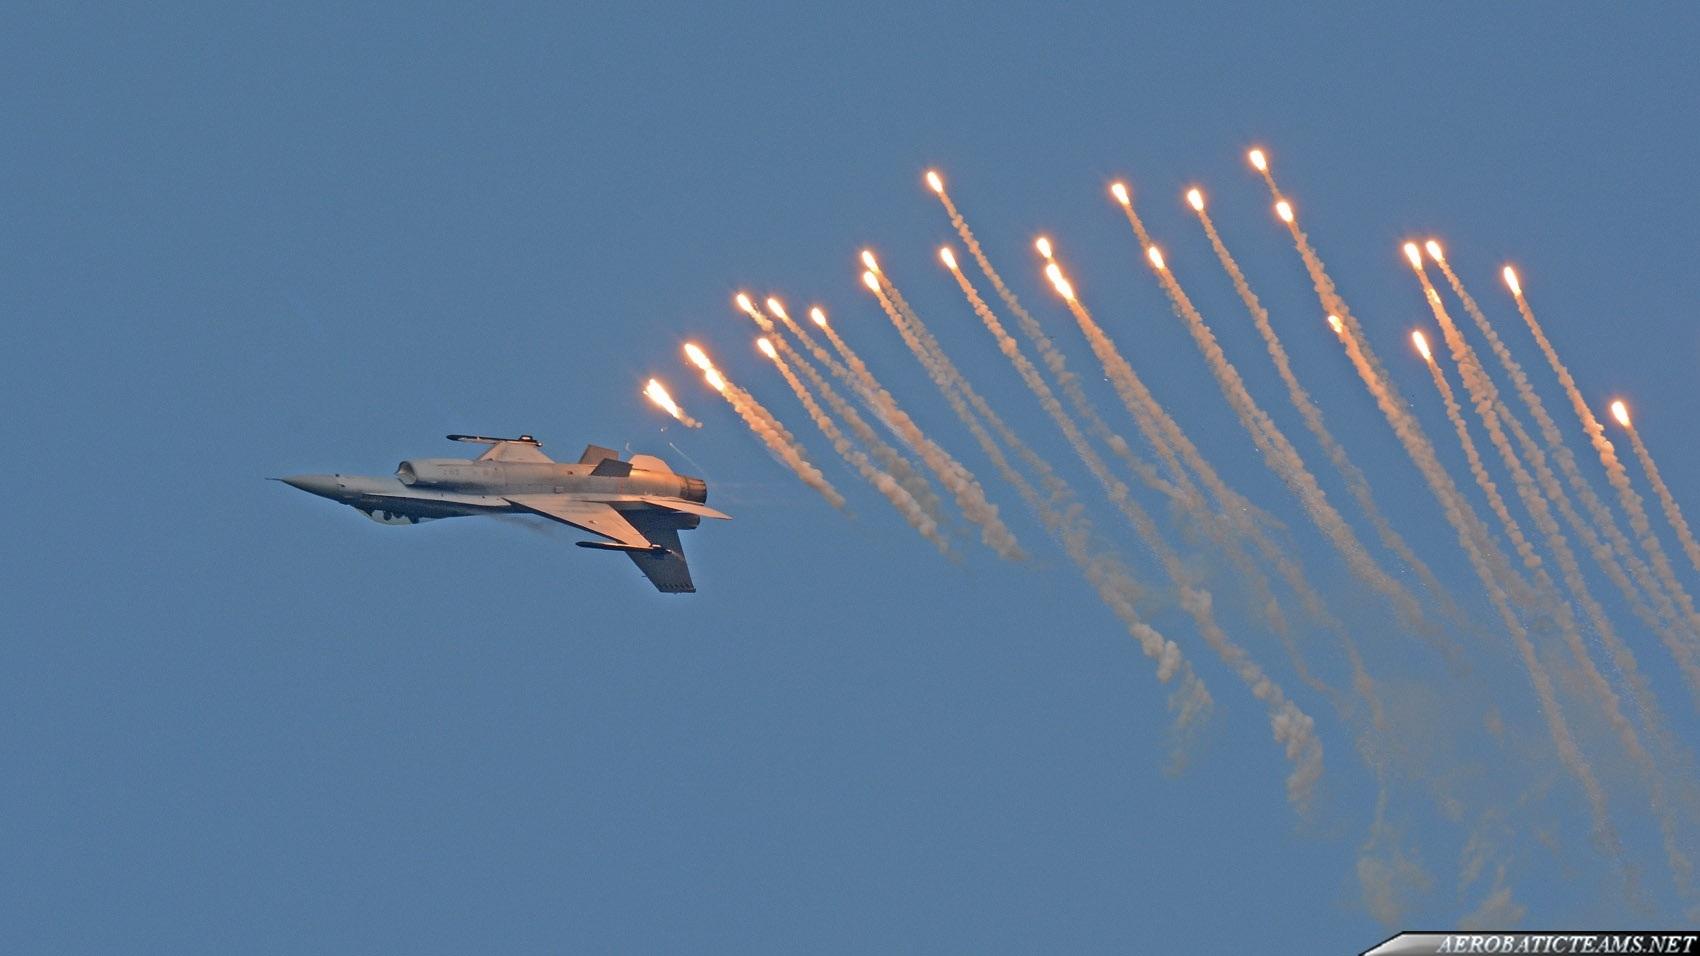 RNLAF F-16 Demo Team